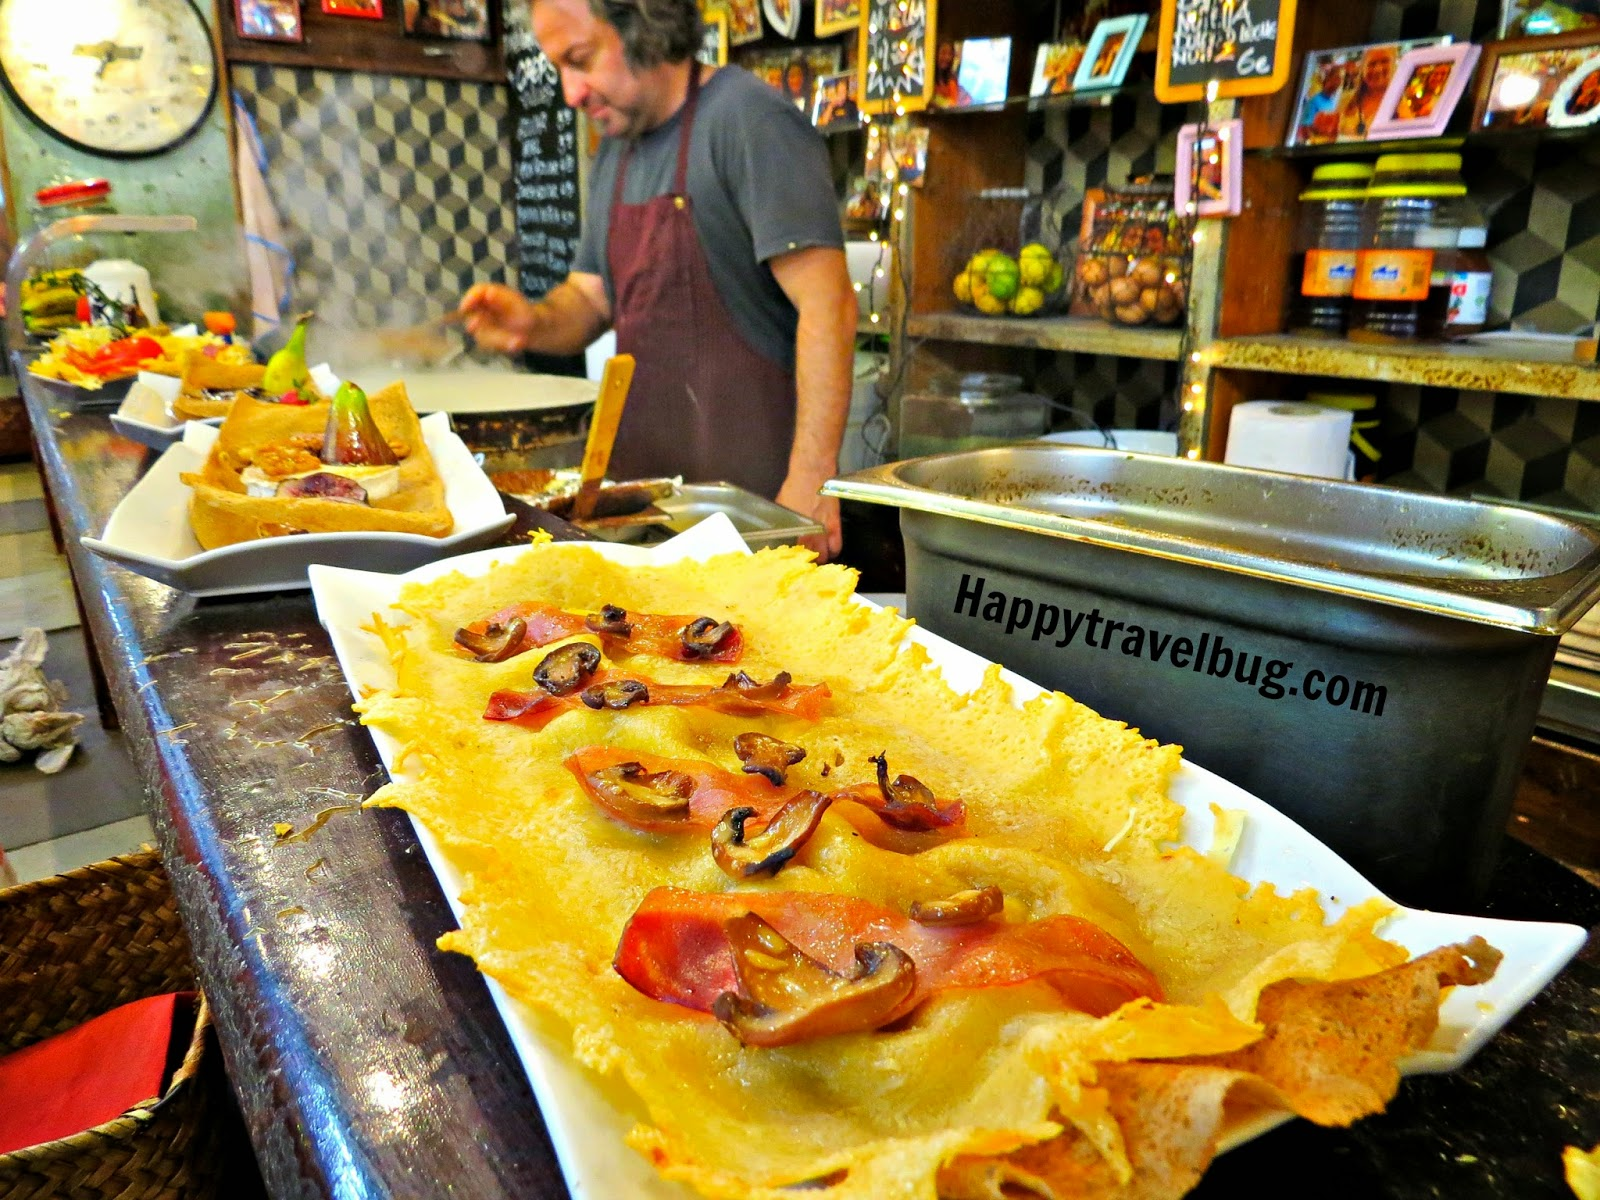 La Boqueria Market in Barcelona, Spain